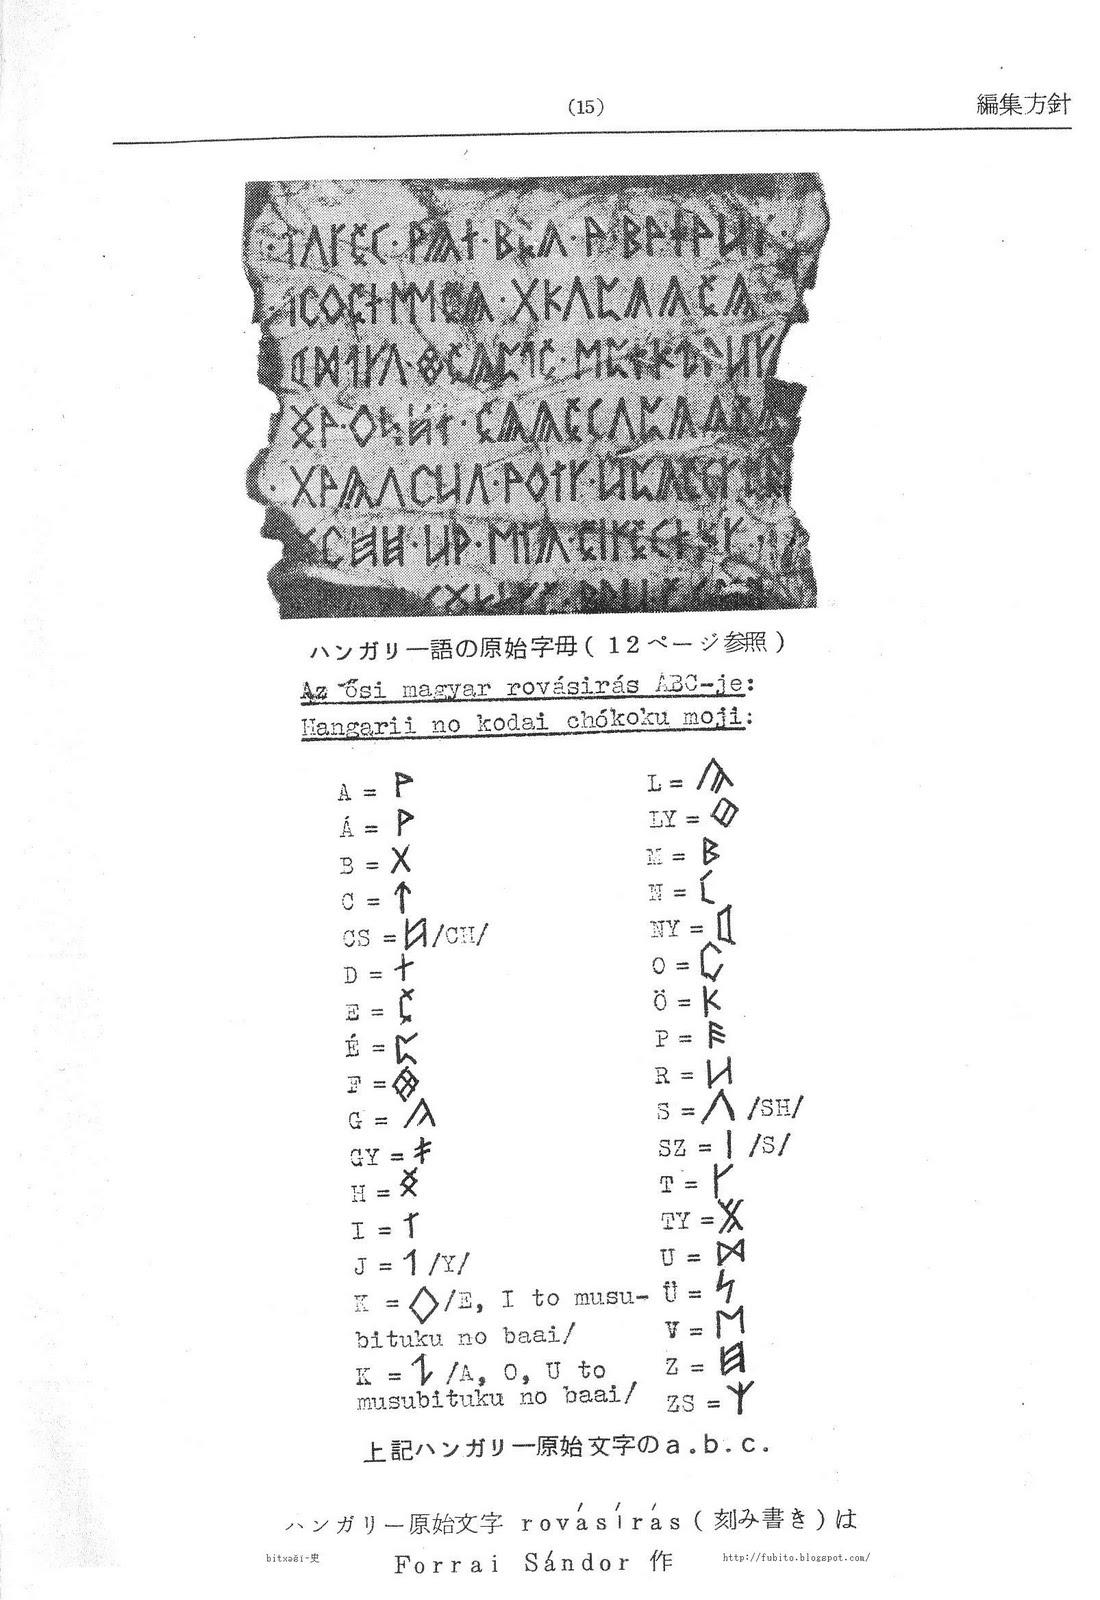 bitxəšï-史: Rovásírás a Magyar-Japán szótárban 洪日辞典にある古代 ...